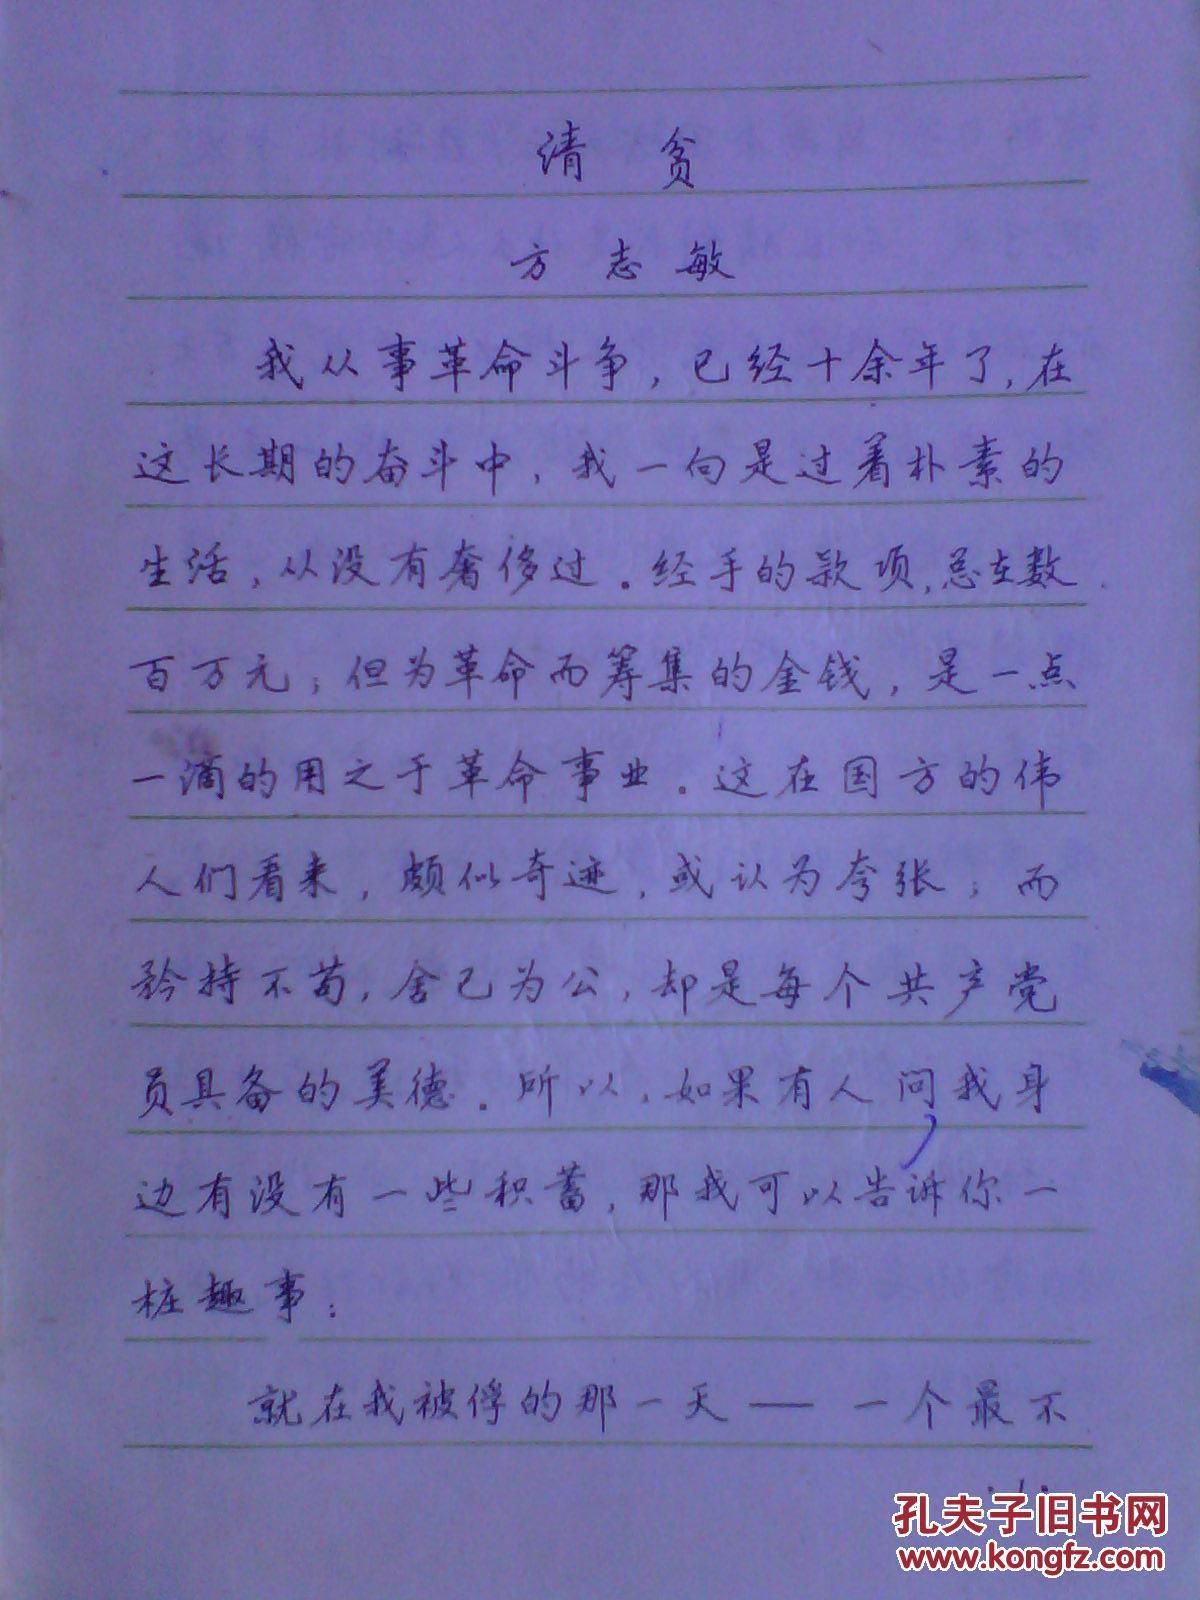 小学生钢笔字帖_小学生钢笔字帖